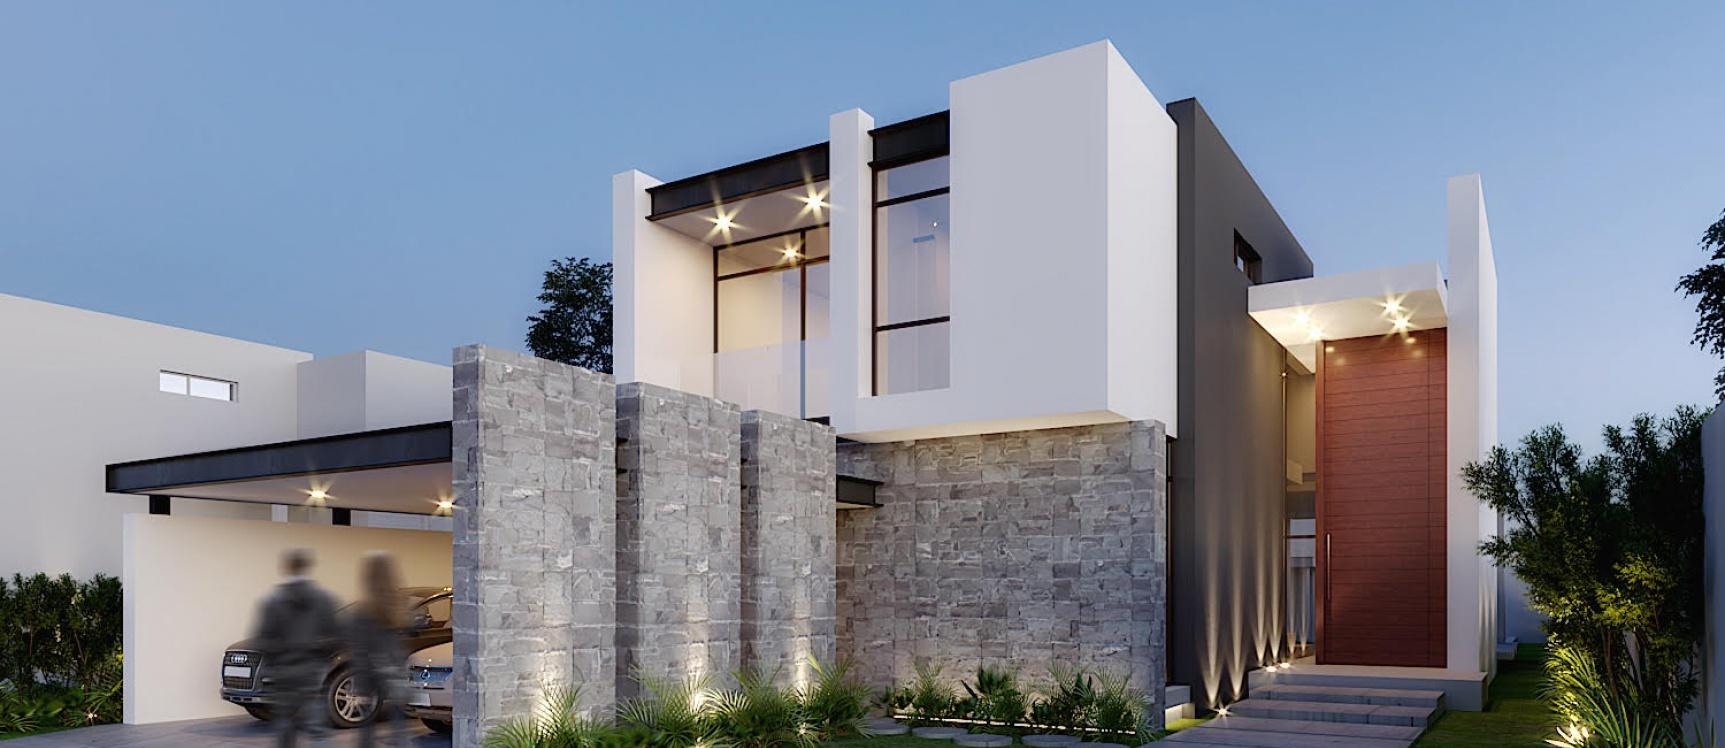 GeoBienes - Exclusive Mocolí Gardens Casas en venta Samborondón - Plusvalia Guayaquil Casas de venta y alquiler Inmobiliaria Ecuador